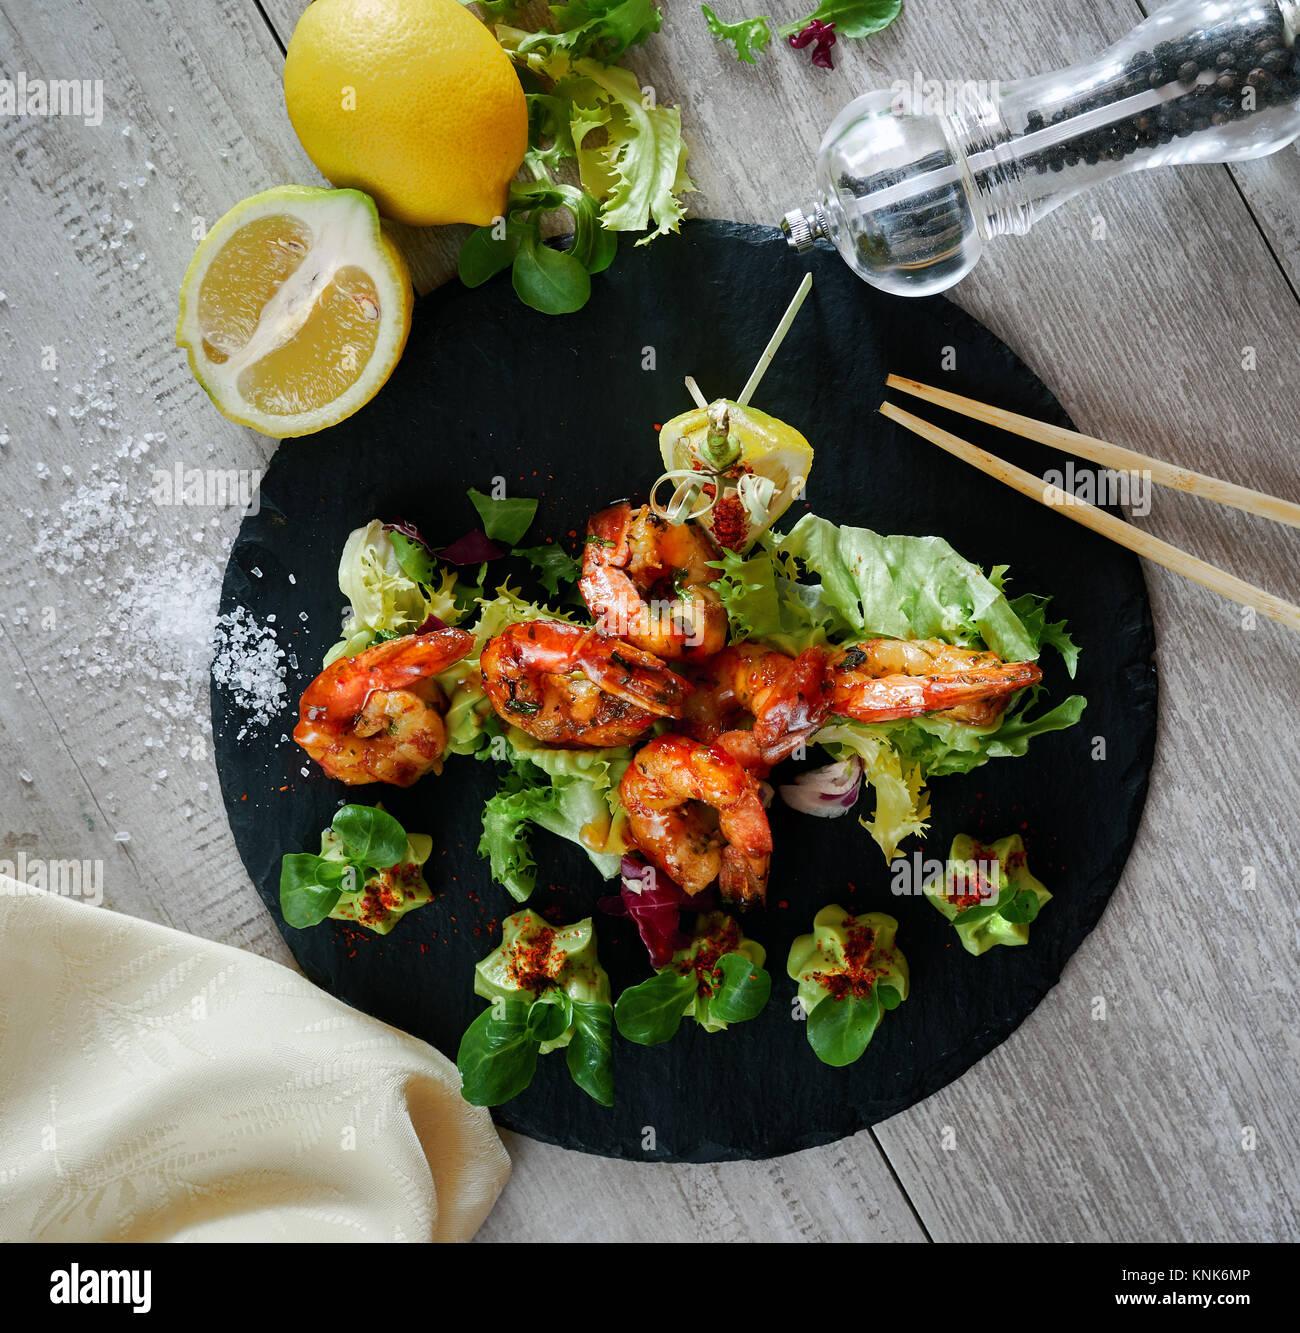 Barbecue gambas grillées avec salade guacamole Photo Stock